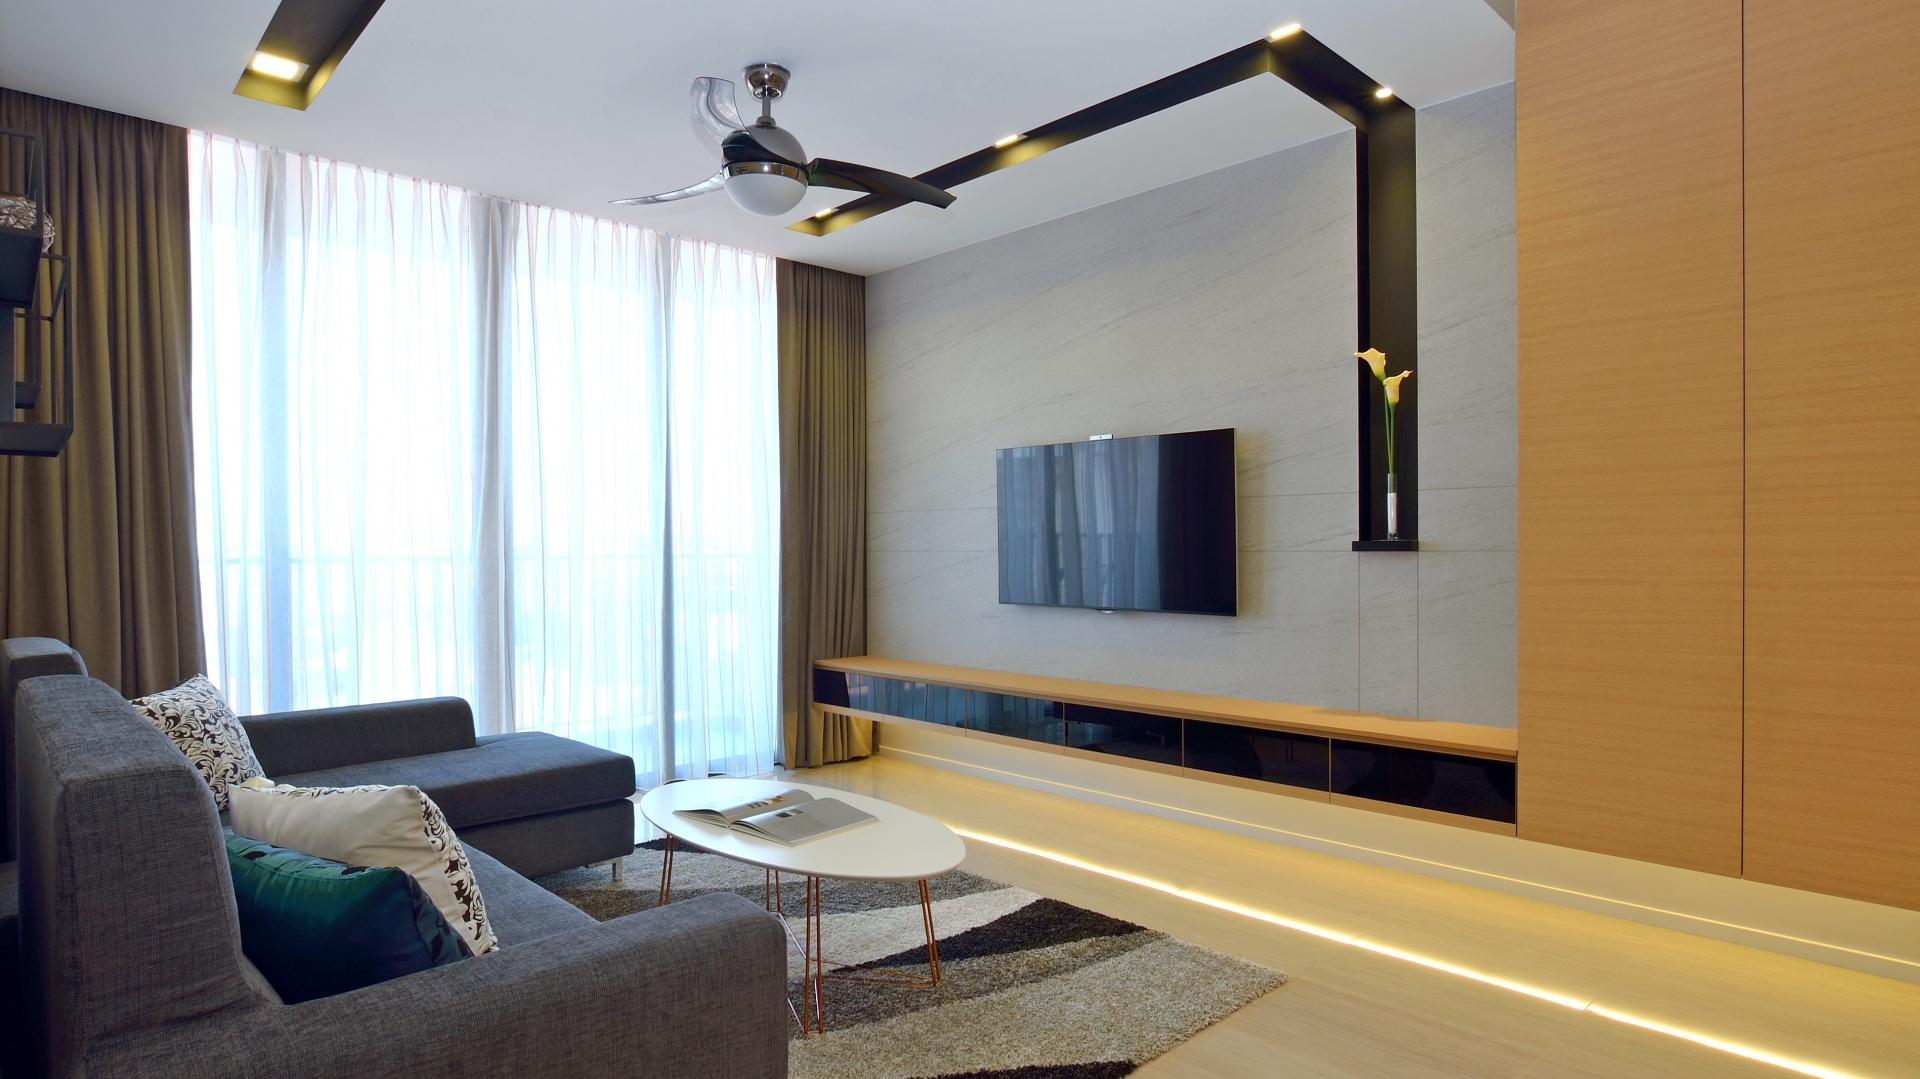 Podwieszany sufit w salonie mieszkanie ma ej rodziny for Sufit podwieszany w salonie